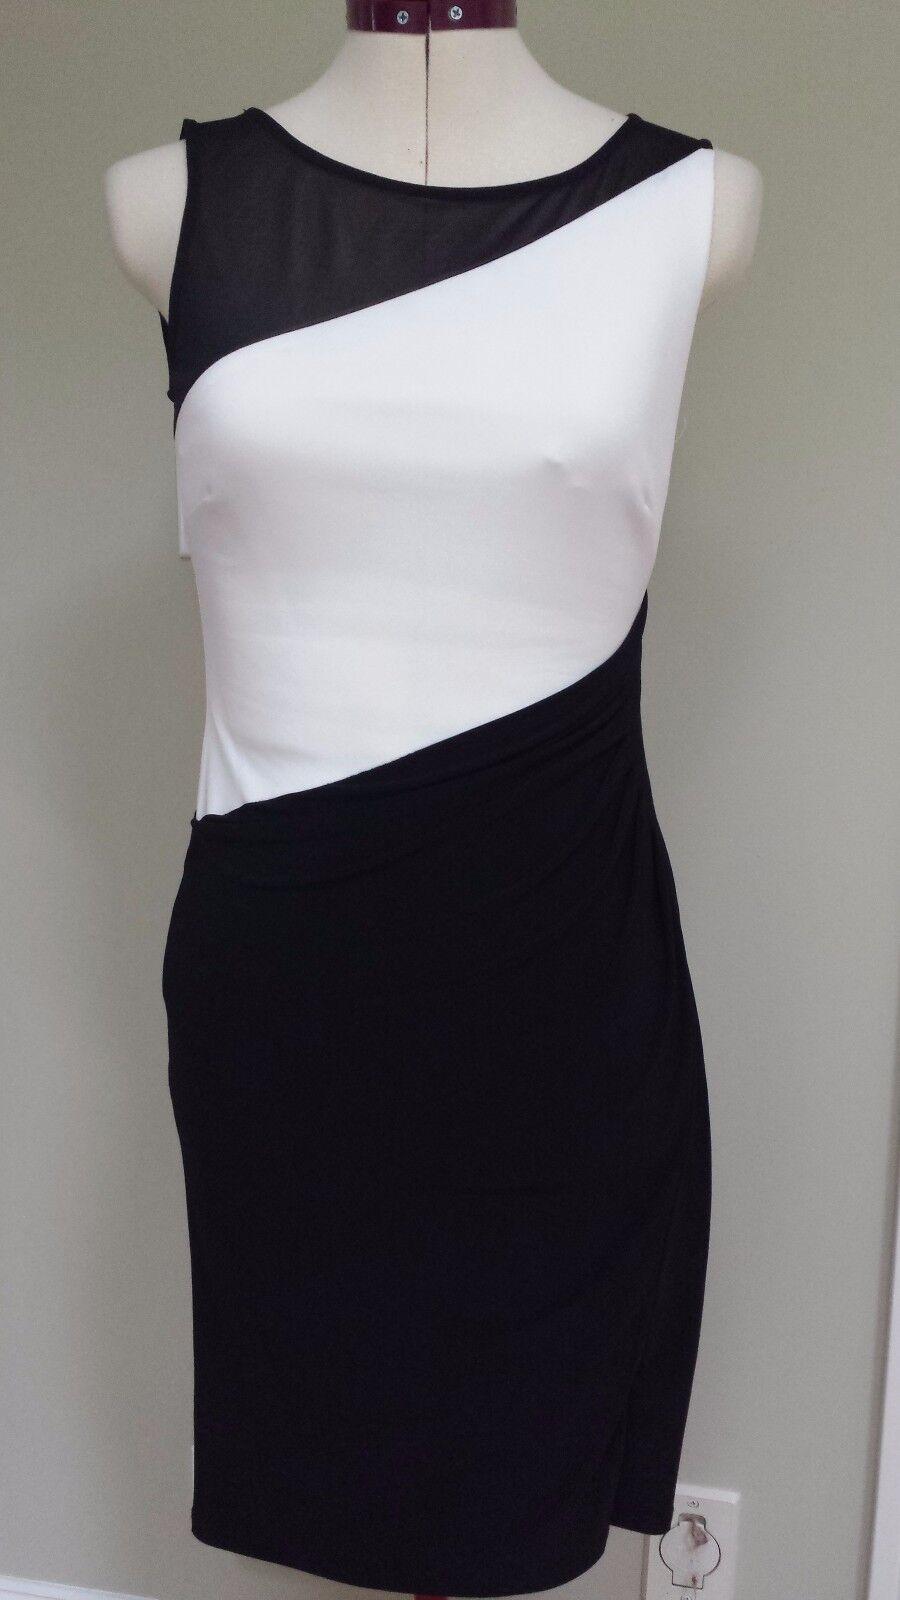 Lauren Ralph Lauren Mesh-Yoke Mesh-Yoke Mesh-Yoke Jersey Dress Size 10 4b842d